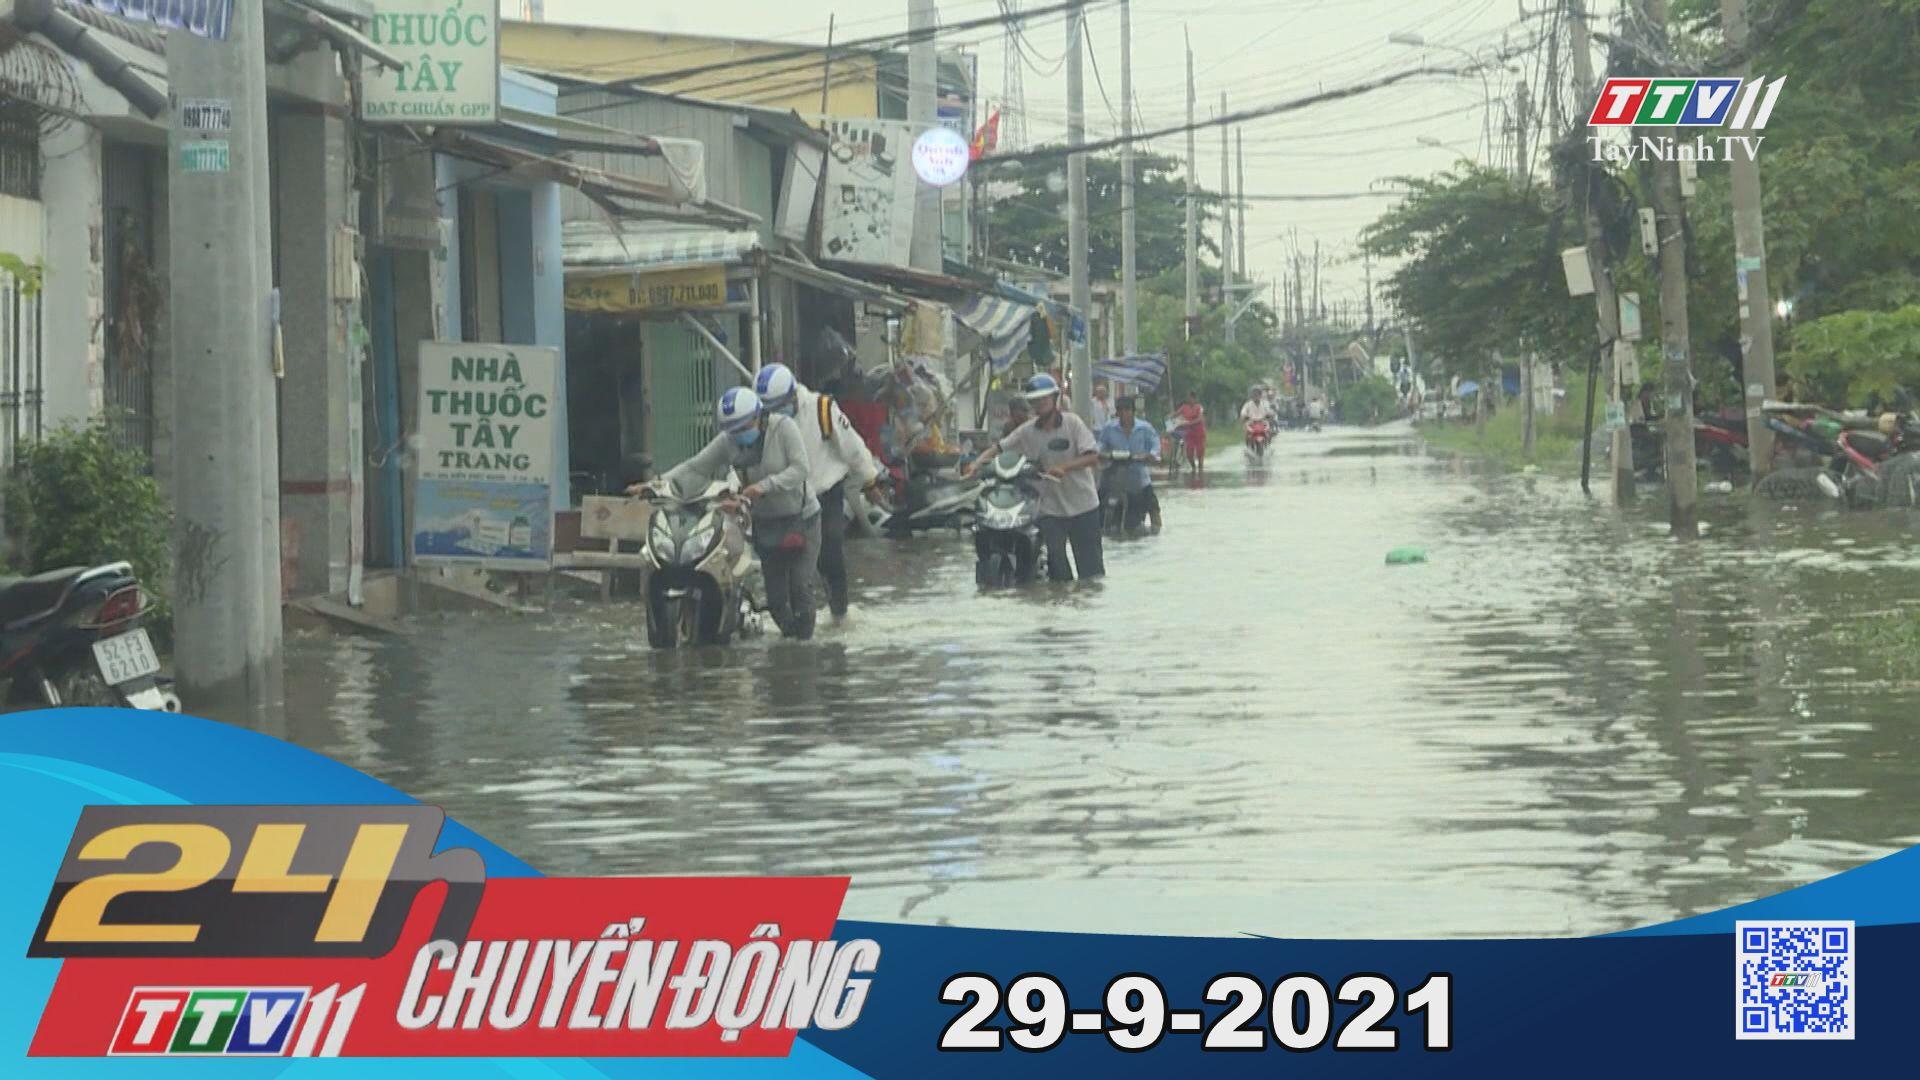 24h Chuyển động 29/9/2021 | Tin tức hôm nay | TayNinhTV